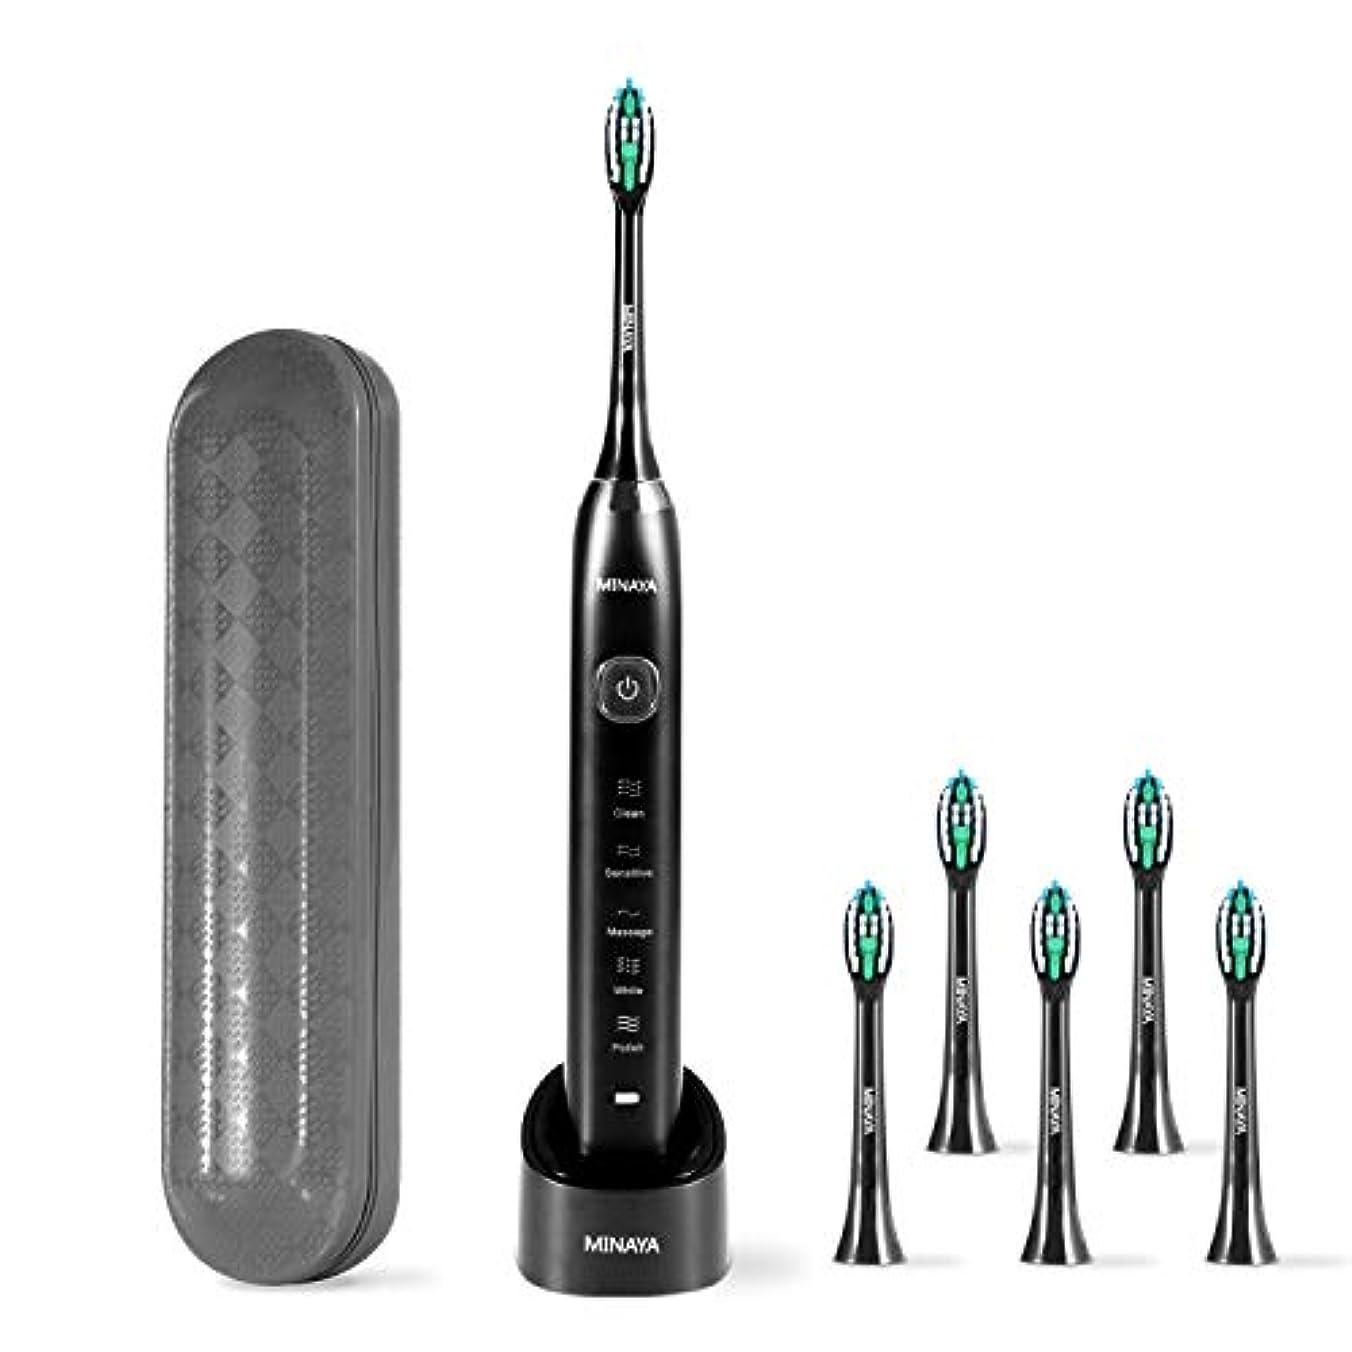 なめらかなやりがいのある拍手する電動歯ブラシ 音波振動式 IPX7級防水 USB充電式 オートタイマー機能搭載 ブラッシングモード5つ MINAYA 収納ケース 旅行用便利 替えブラシ5本 ブラック